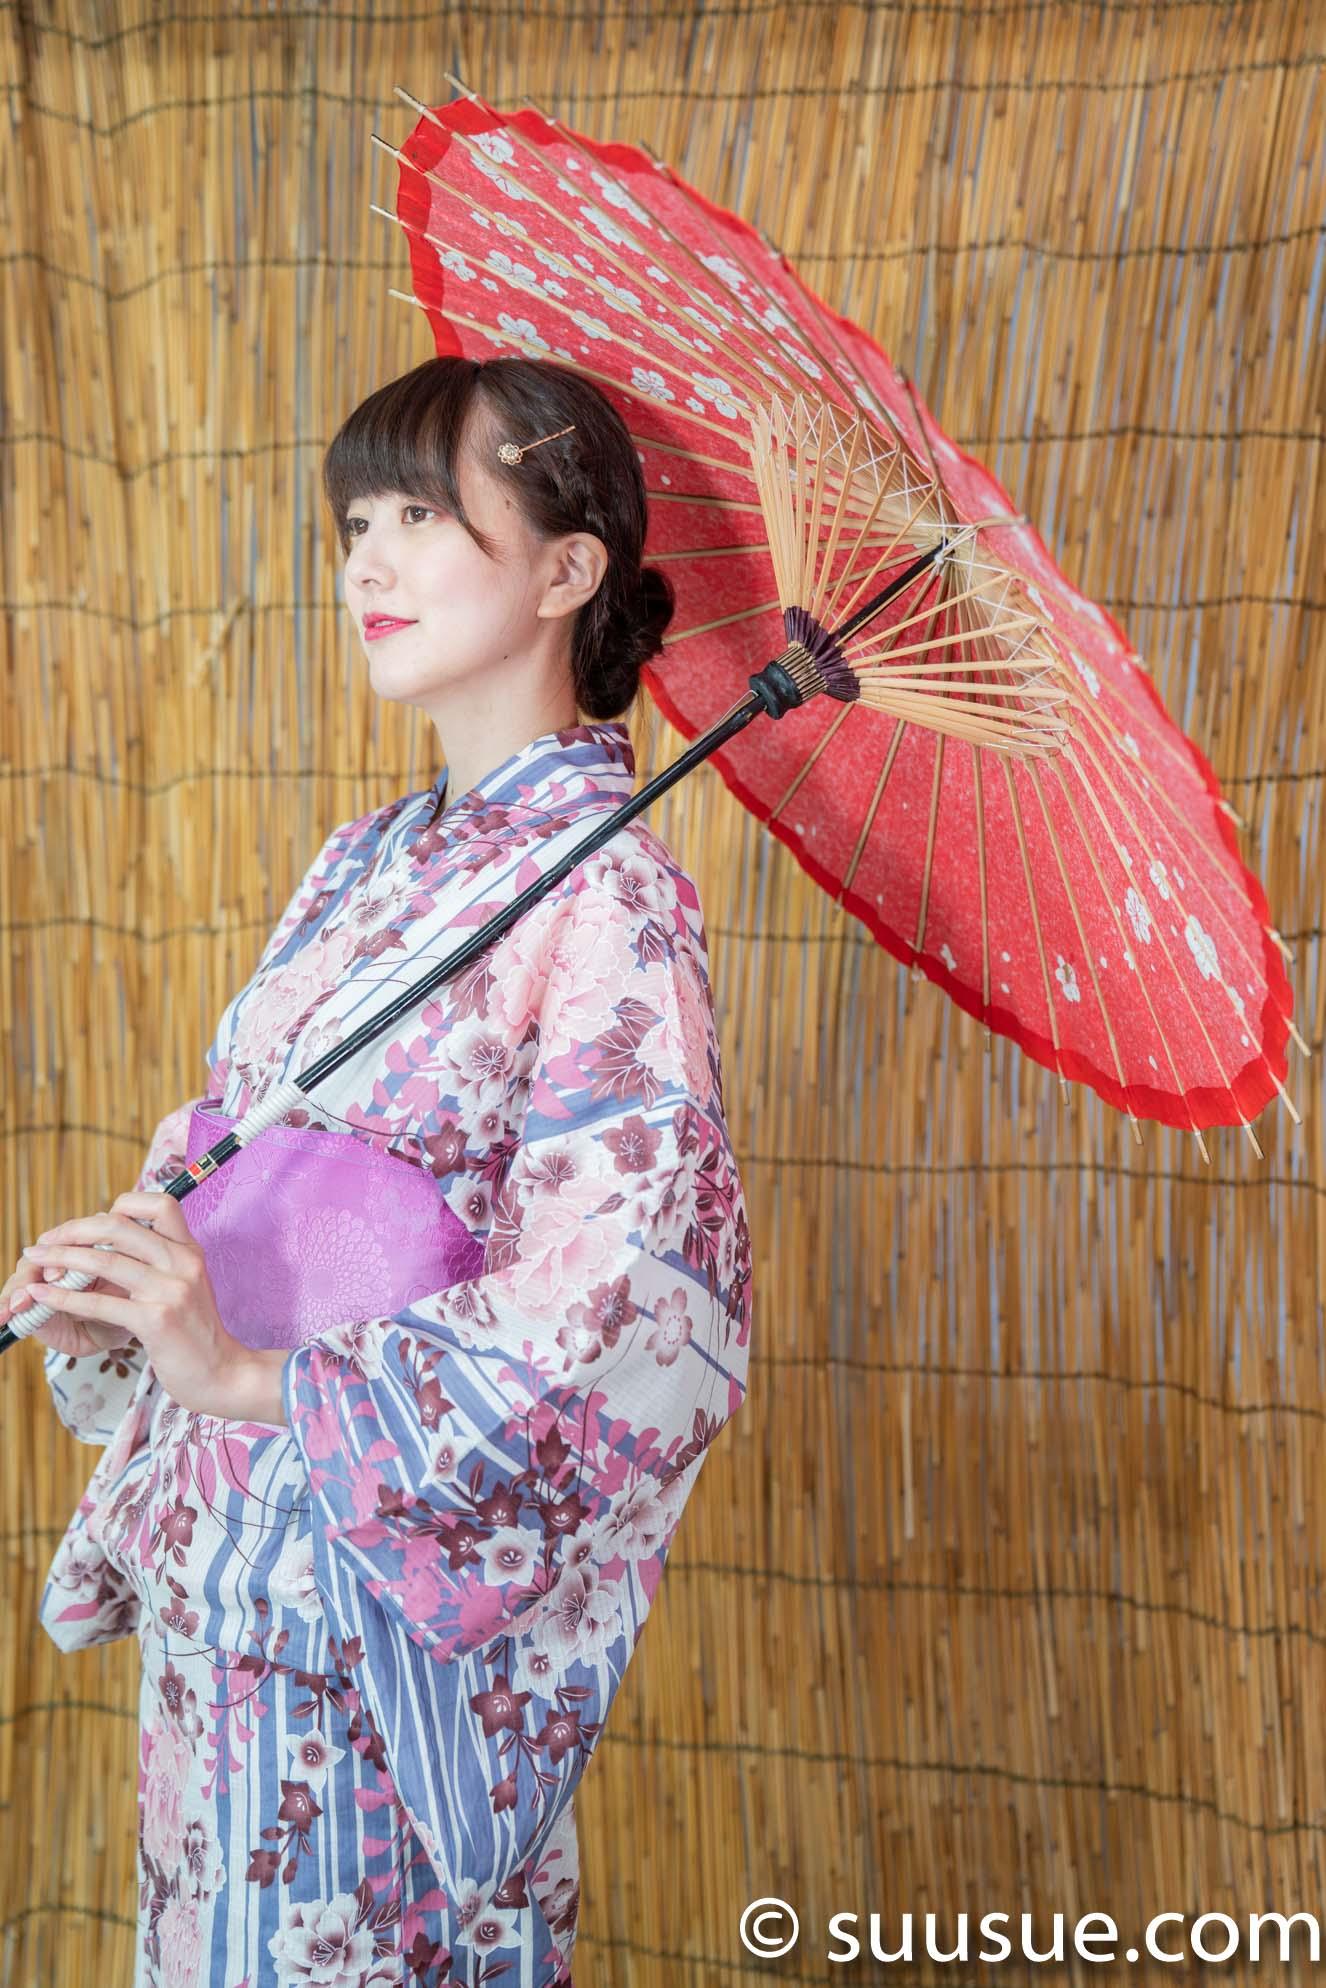 瀬谷ひかる 浴衣 2019/07/06 NewType撮影会